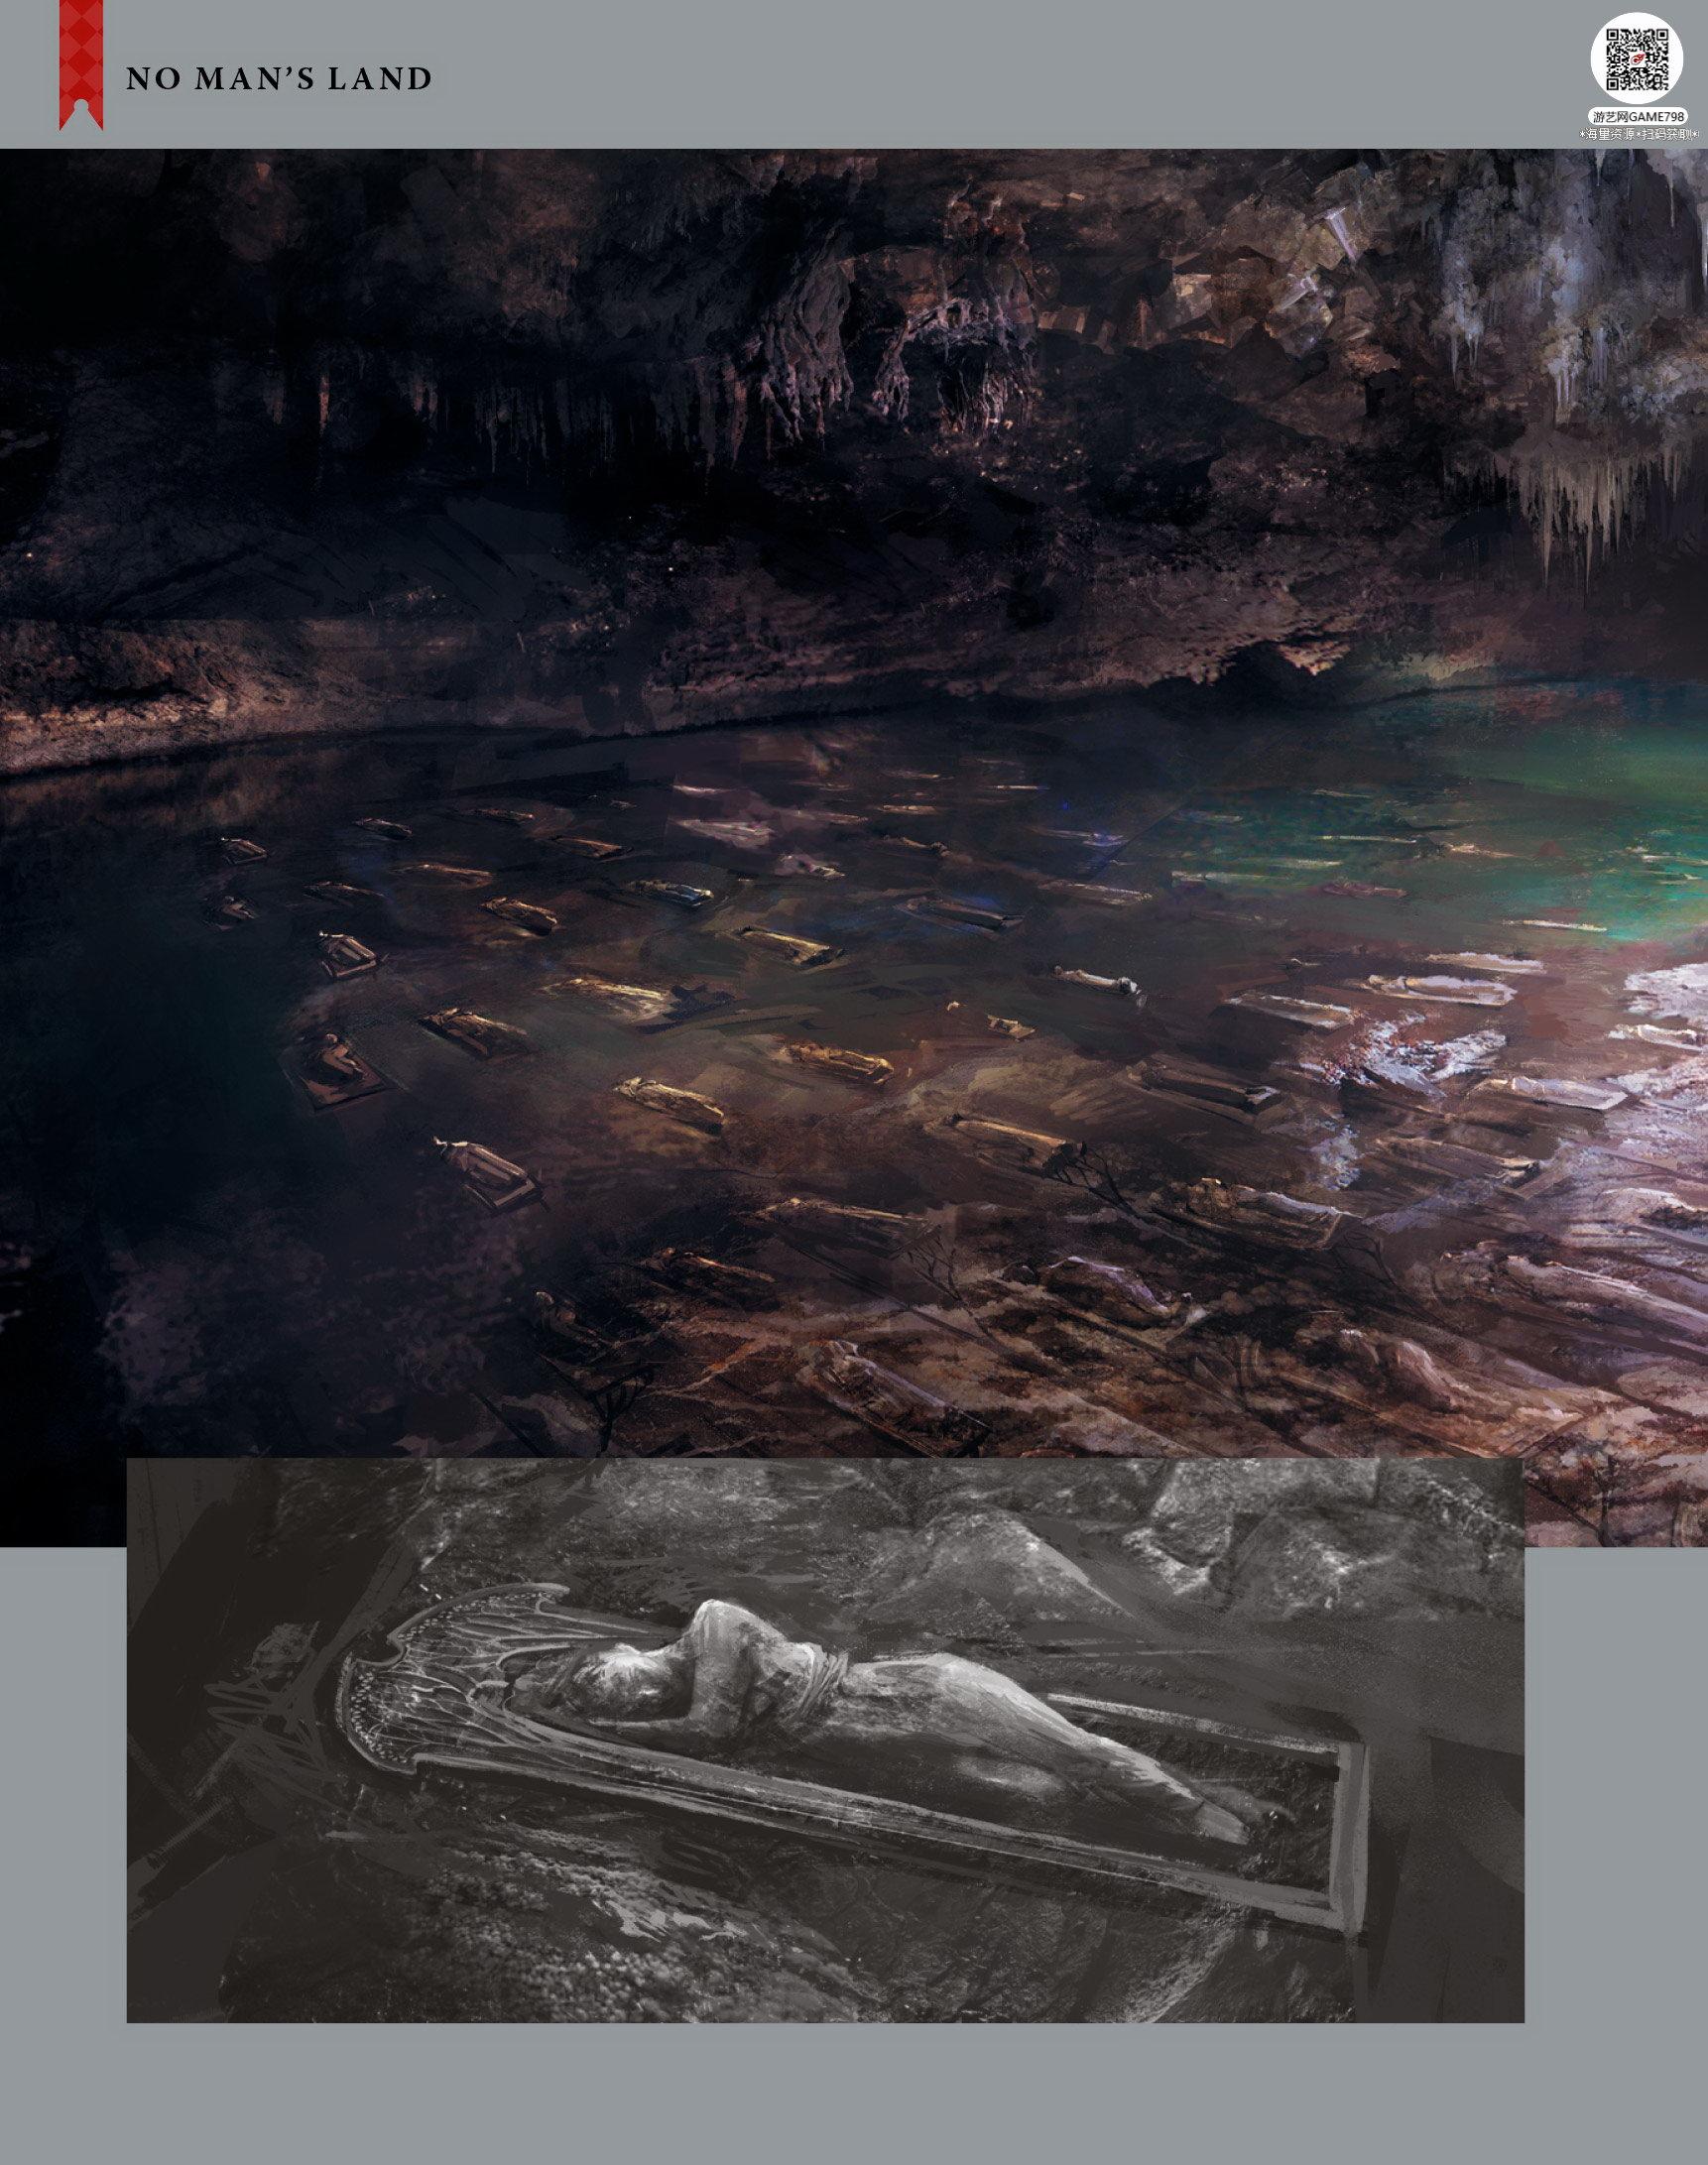 029_关注游艺网公众号获海量资源_次世代游戏巫师3(Witcher)官方原画概念设定.jpg